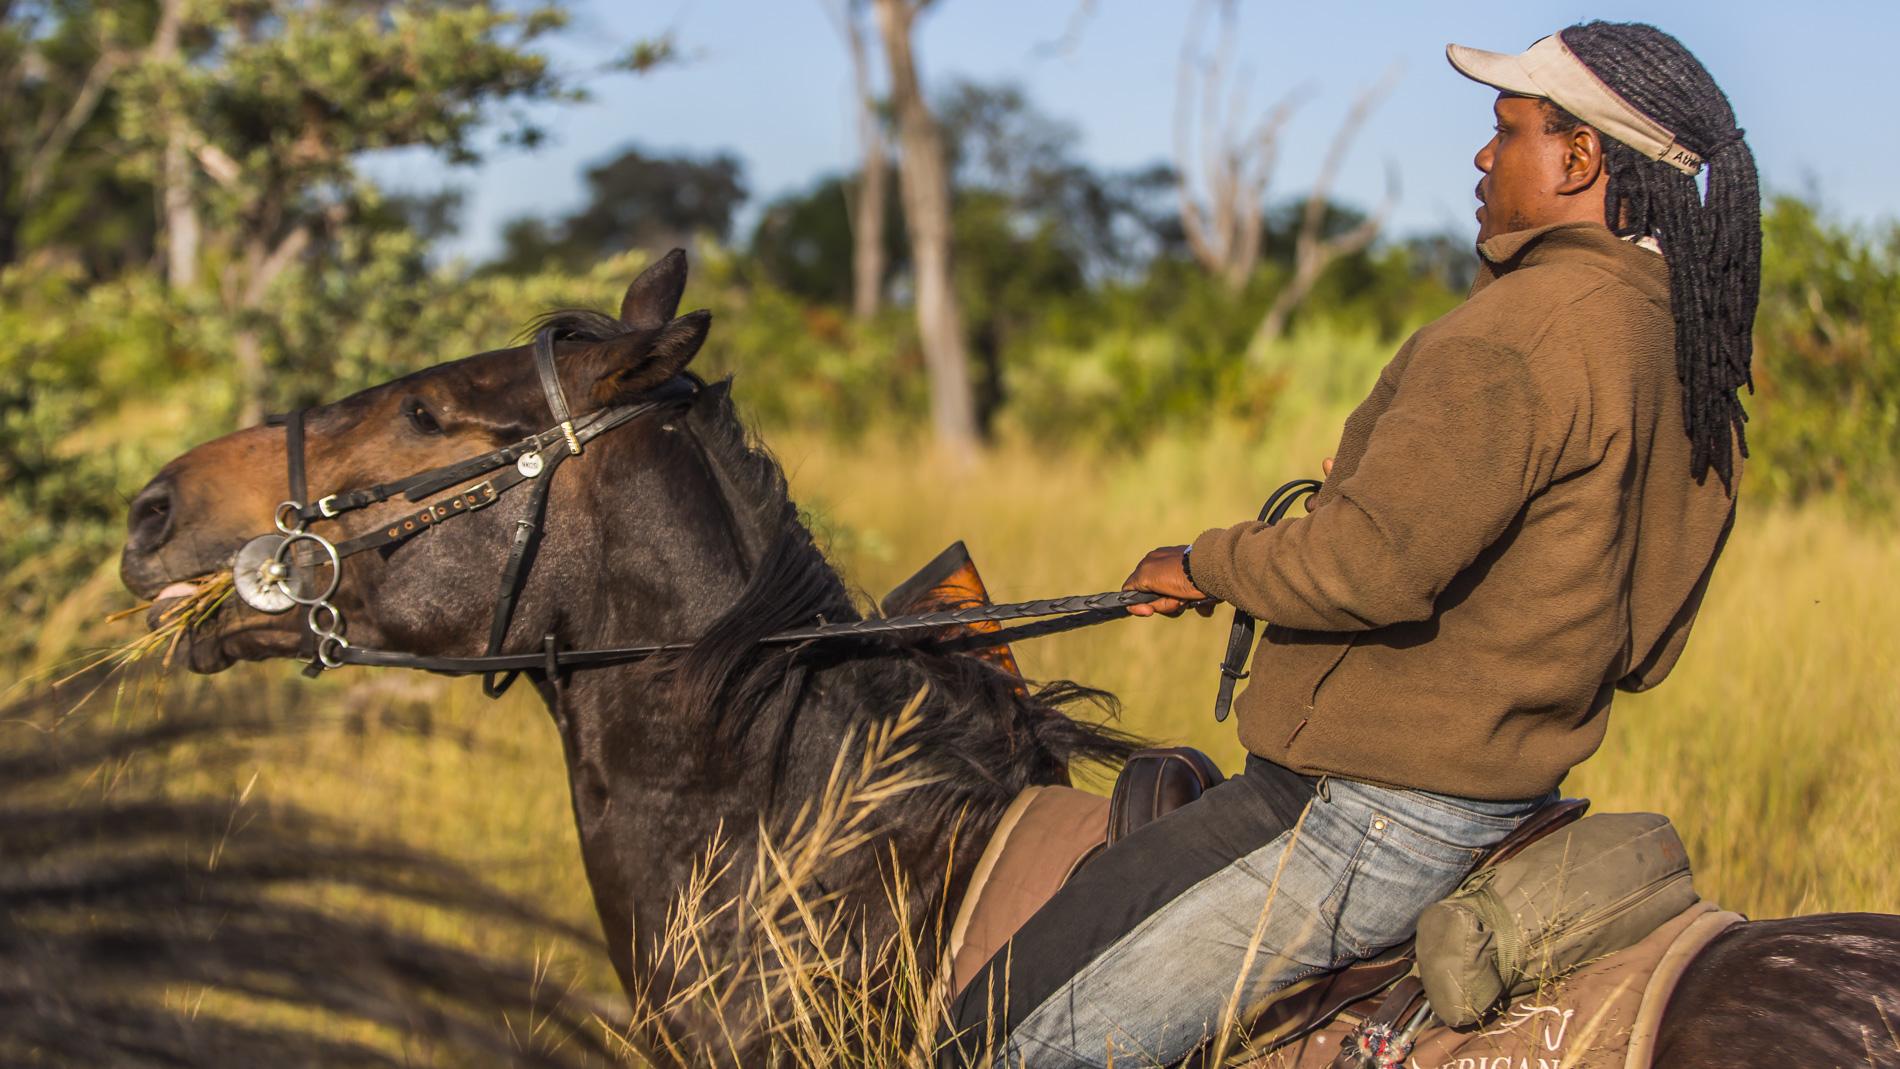 Our guide at African Horseback Safaris